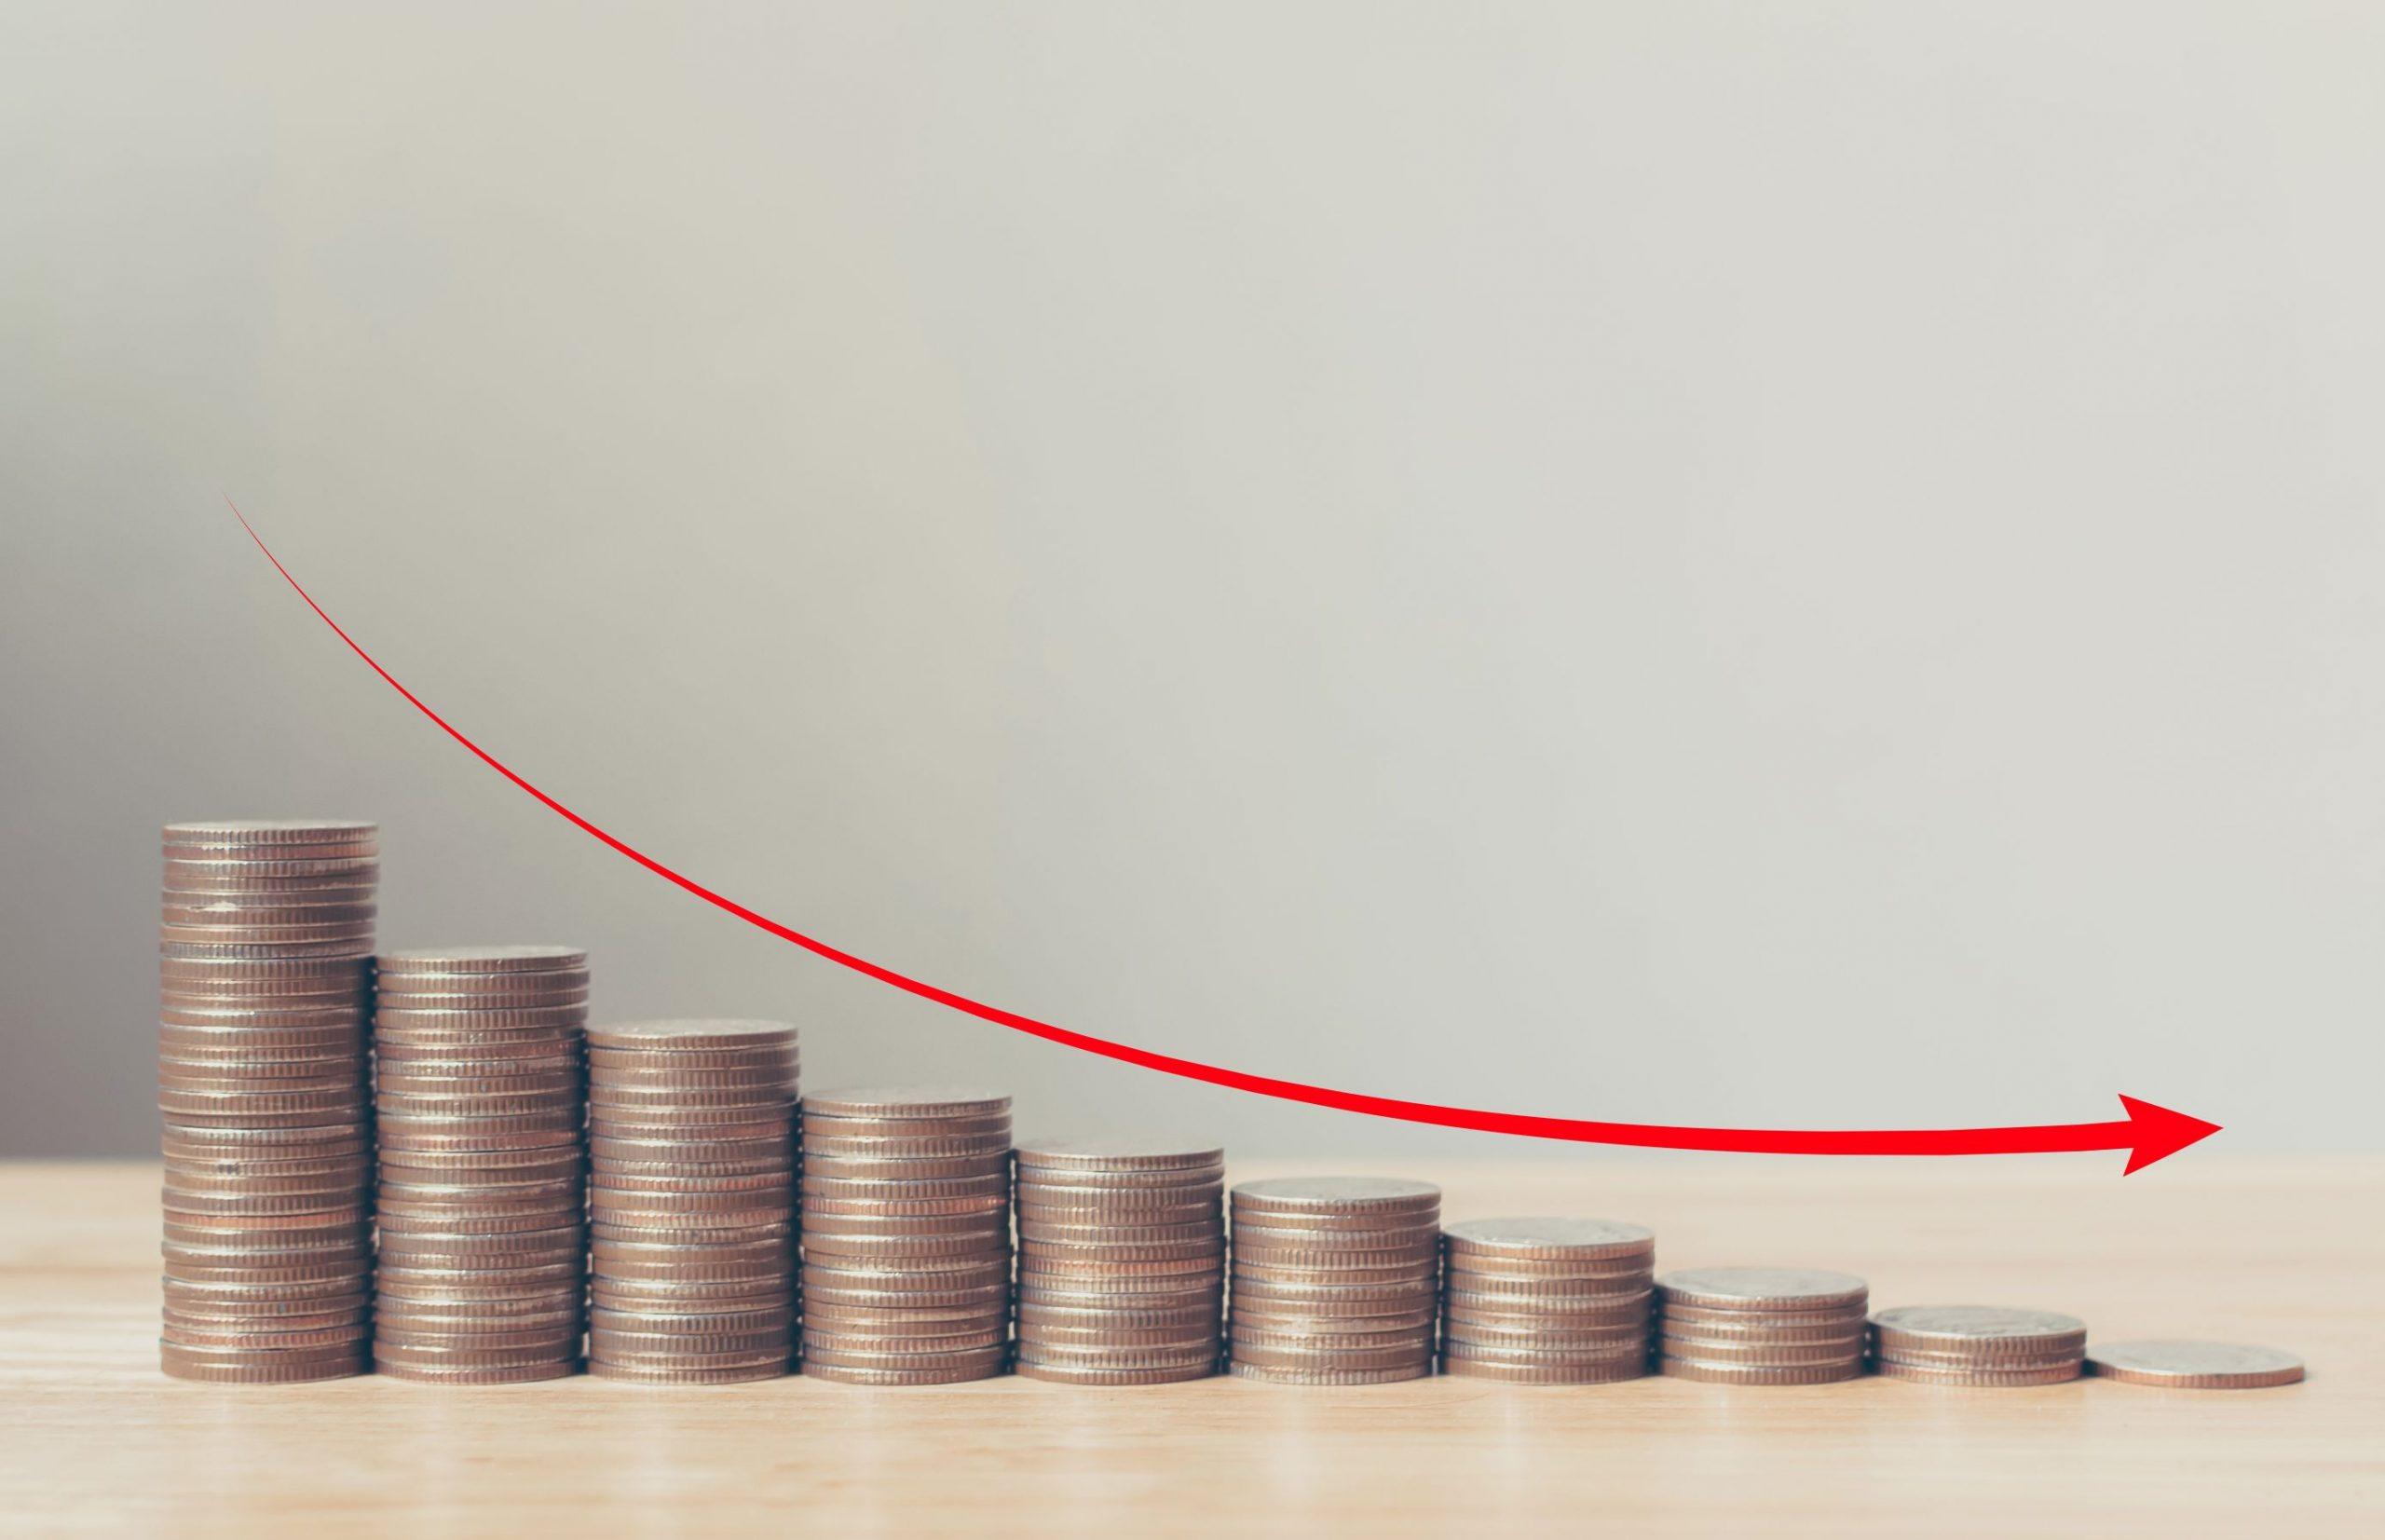 faillite entreprise etapes syndic